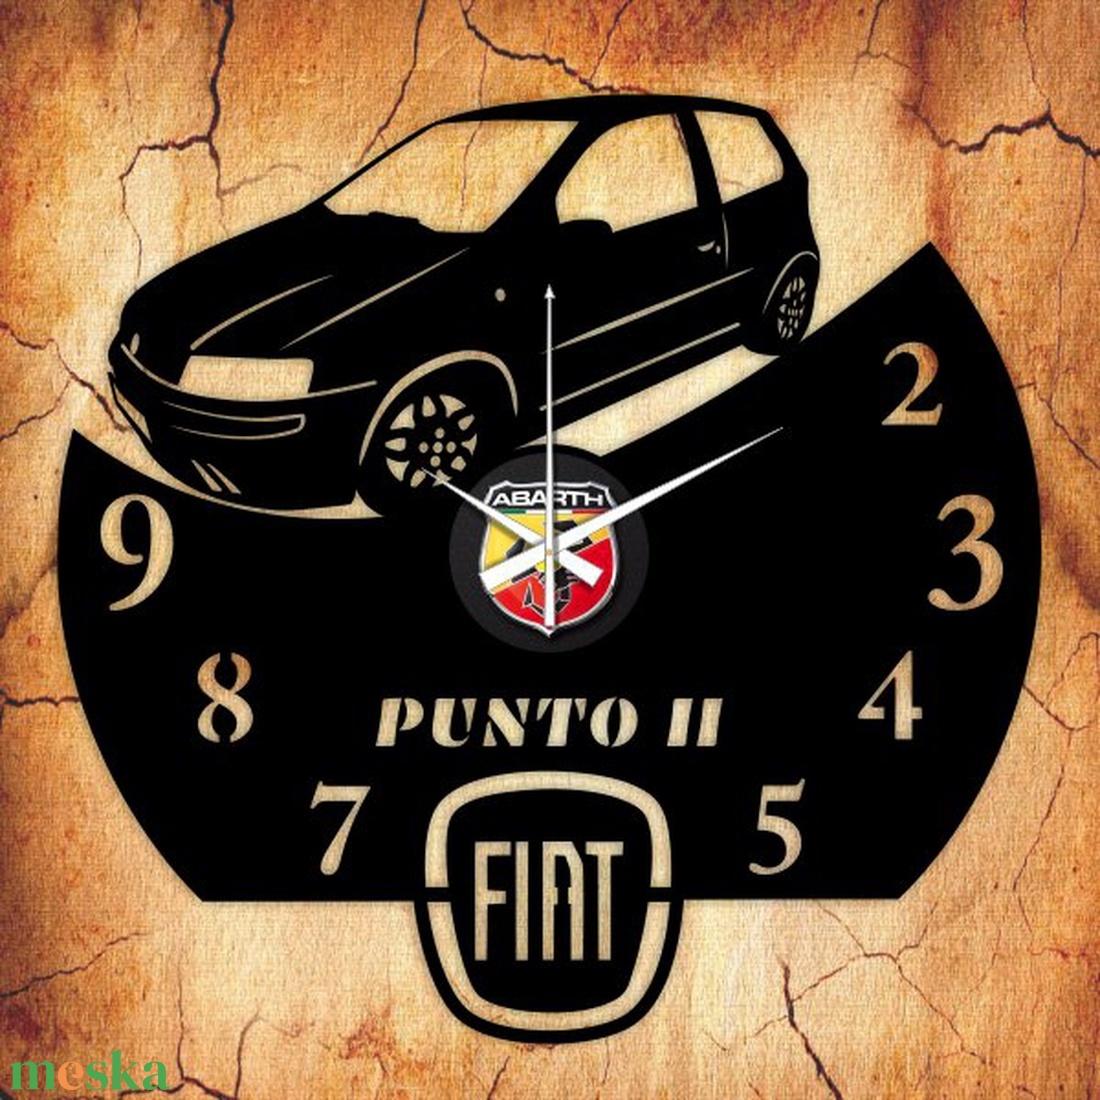 FIAT PUNTO II bakelit óra 8863bbe9d3